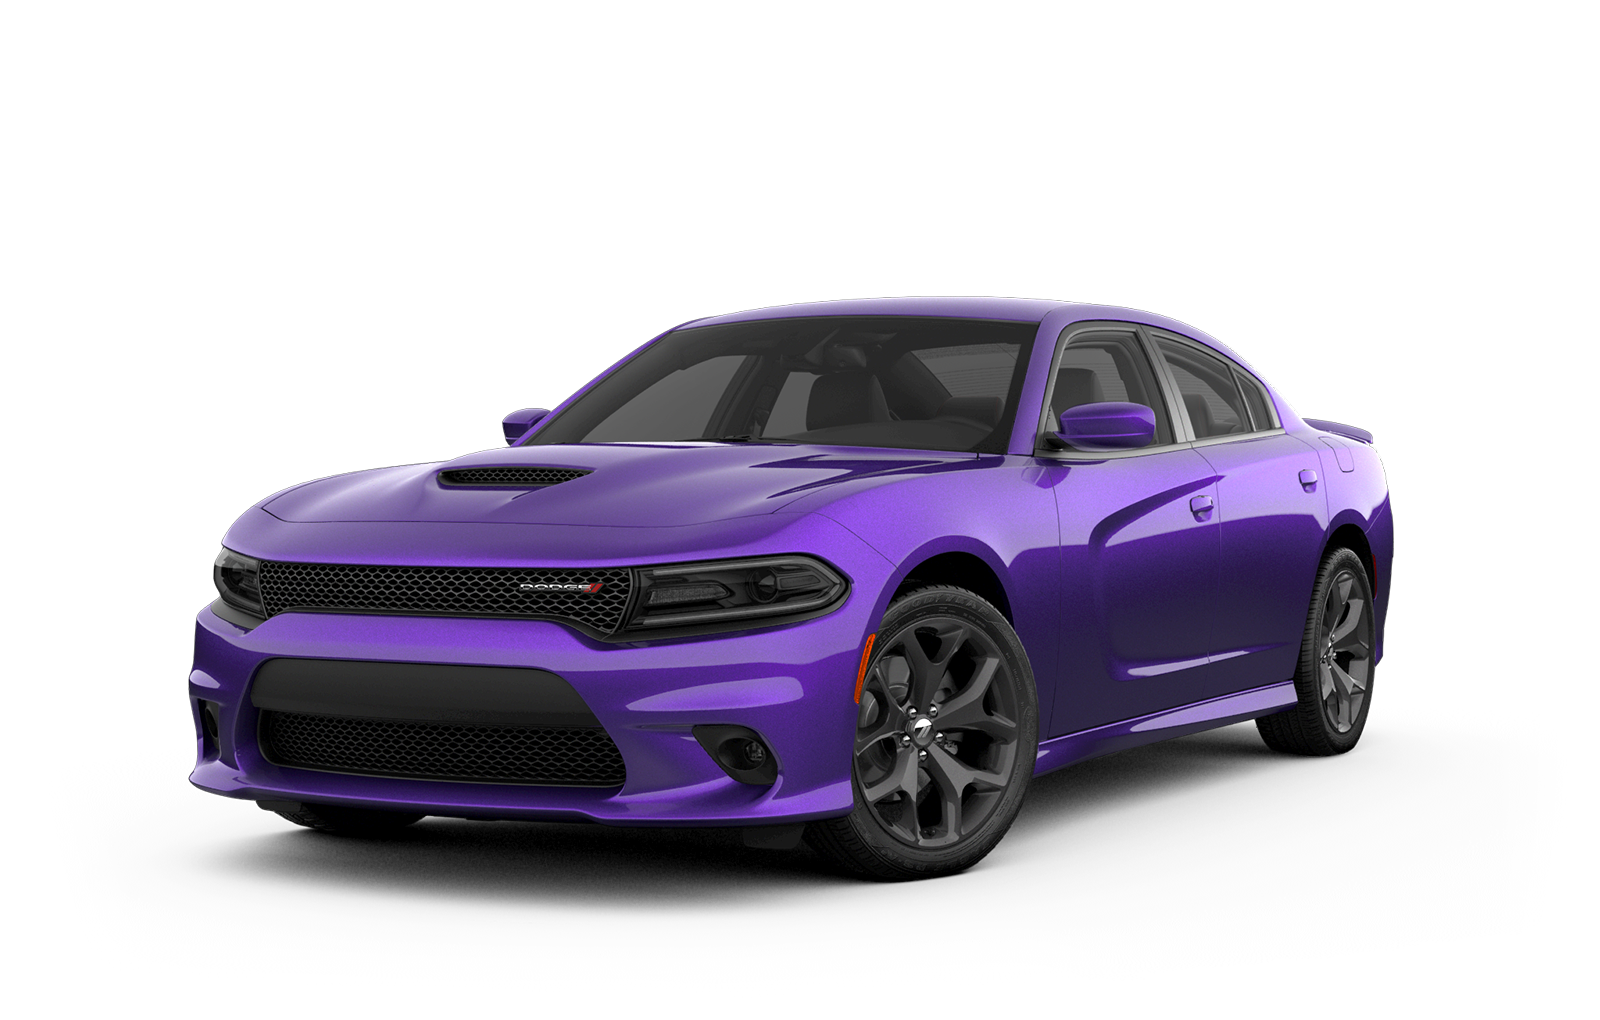 Hyundai Charger 2019 Couche nacrée violet prune